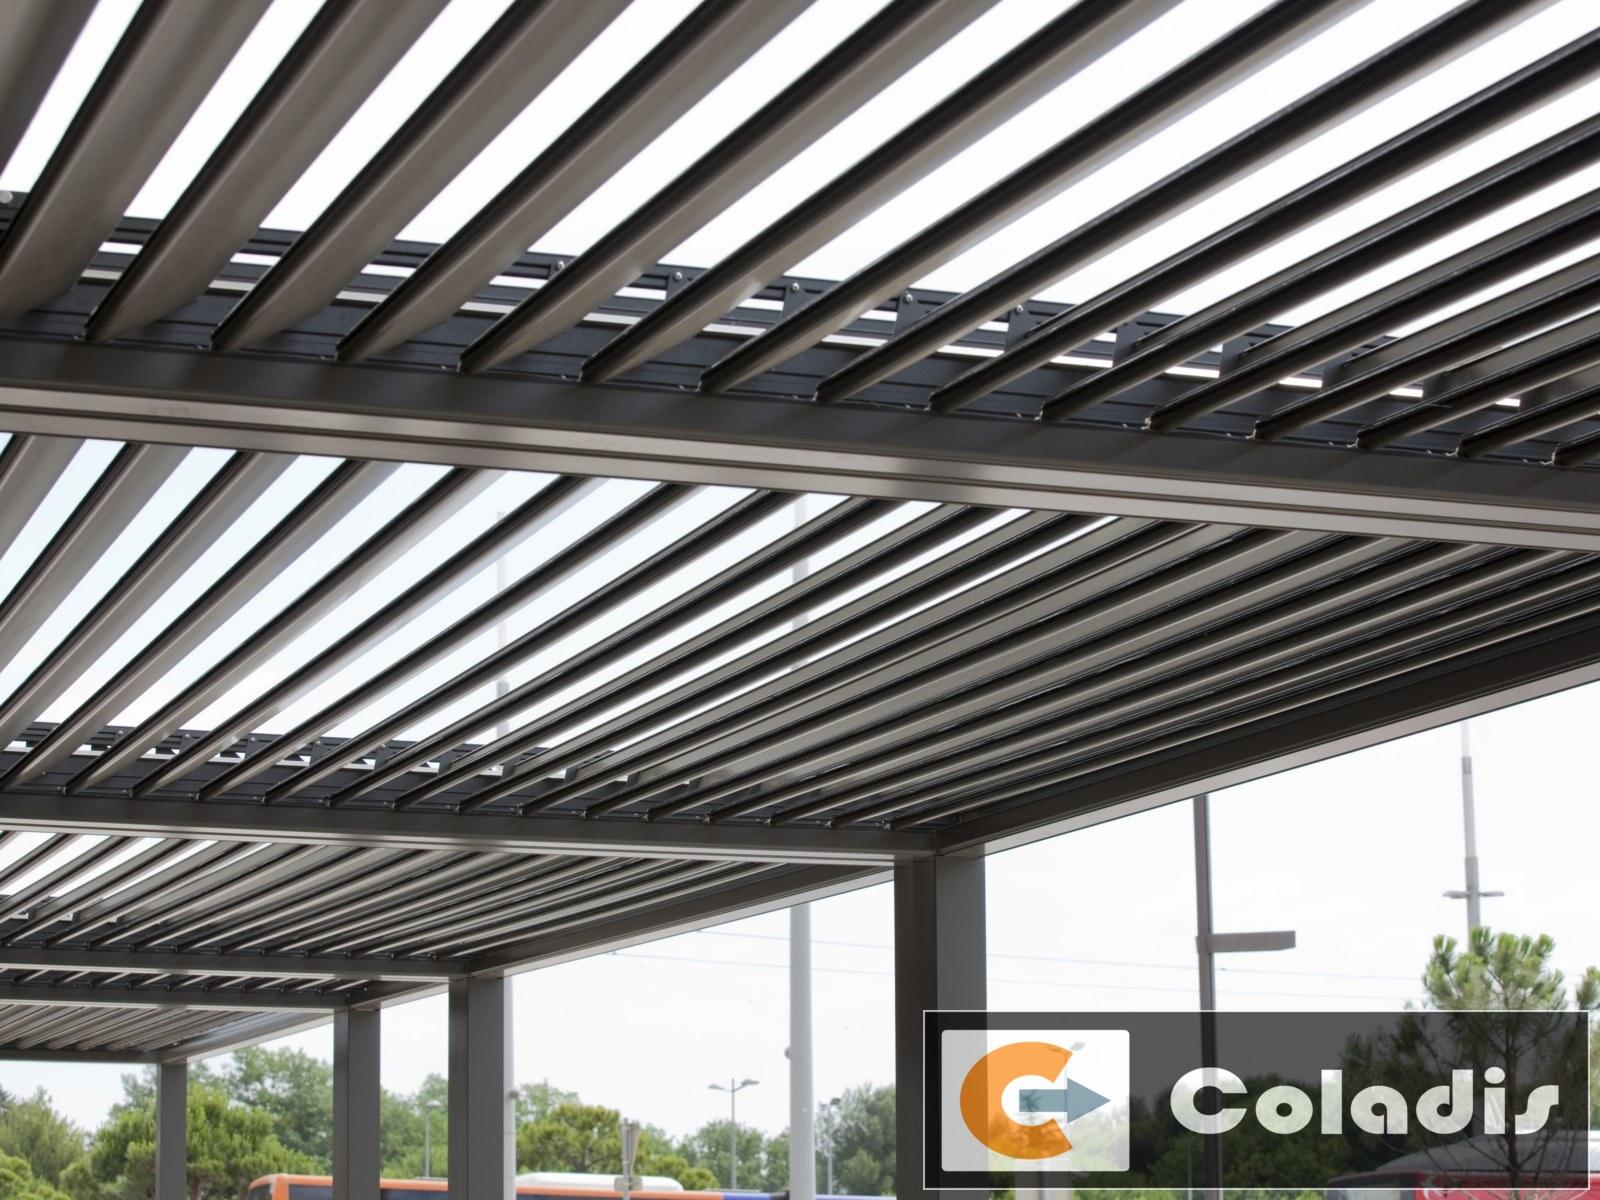 Coladis toiture pergola aluminium profils systemes